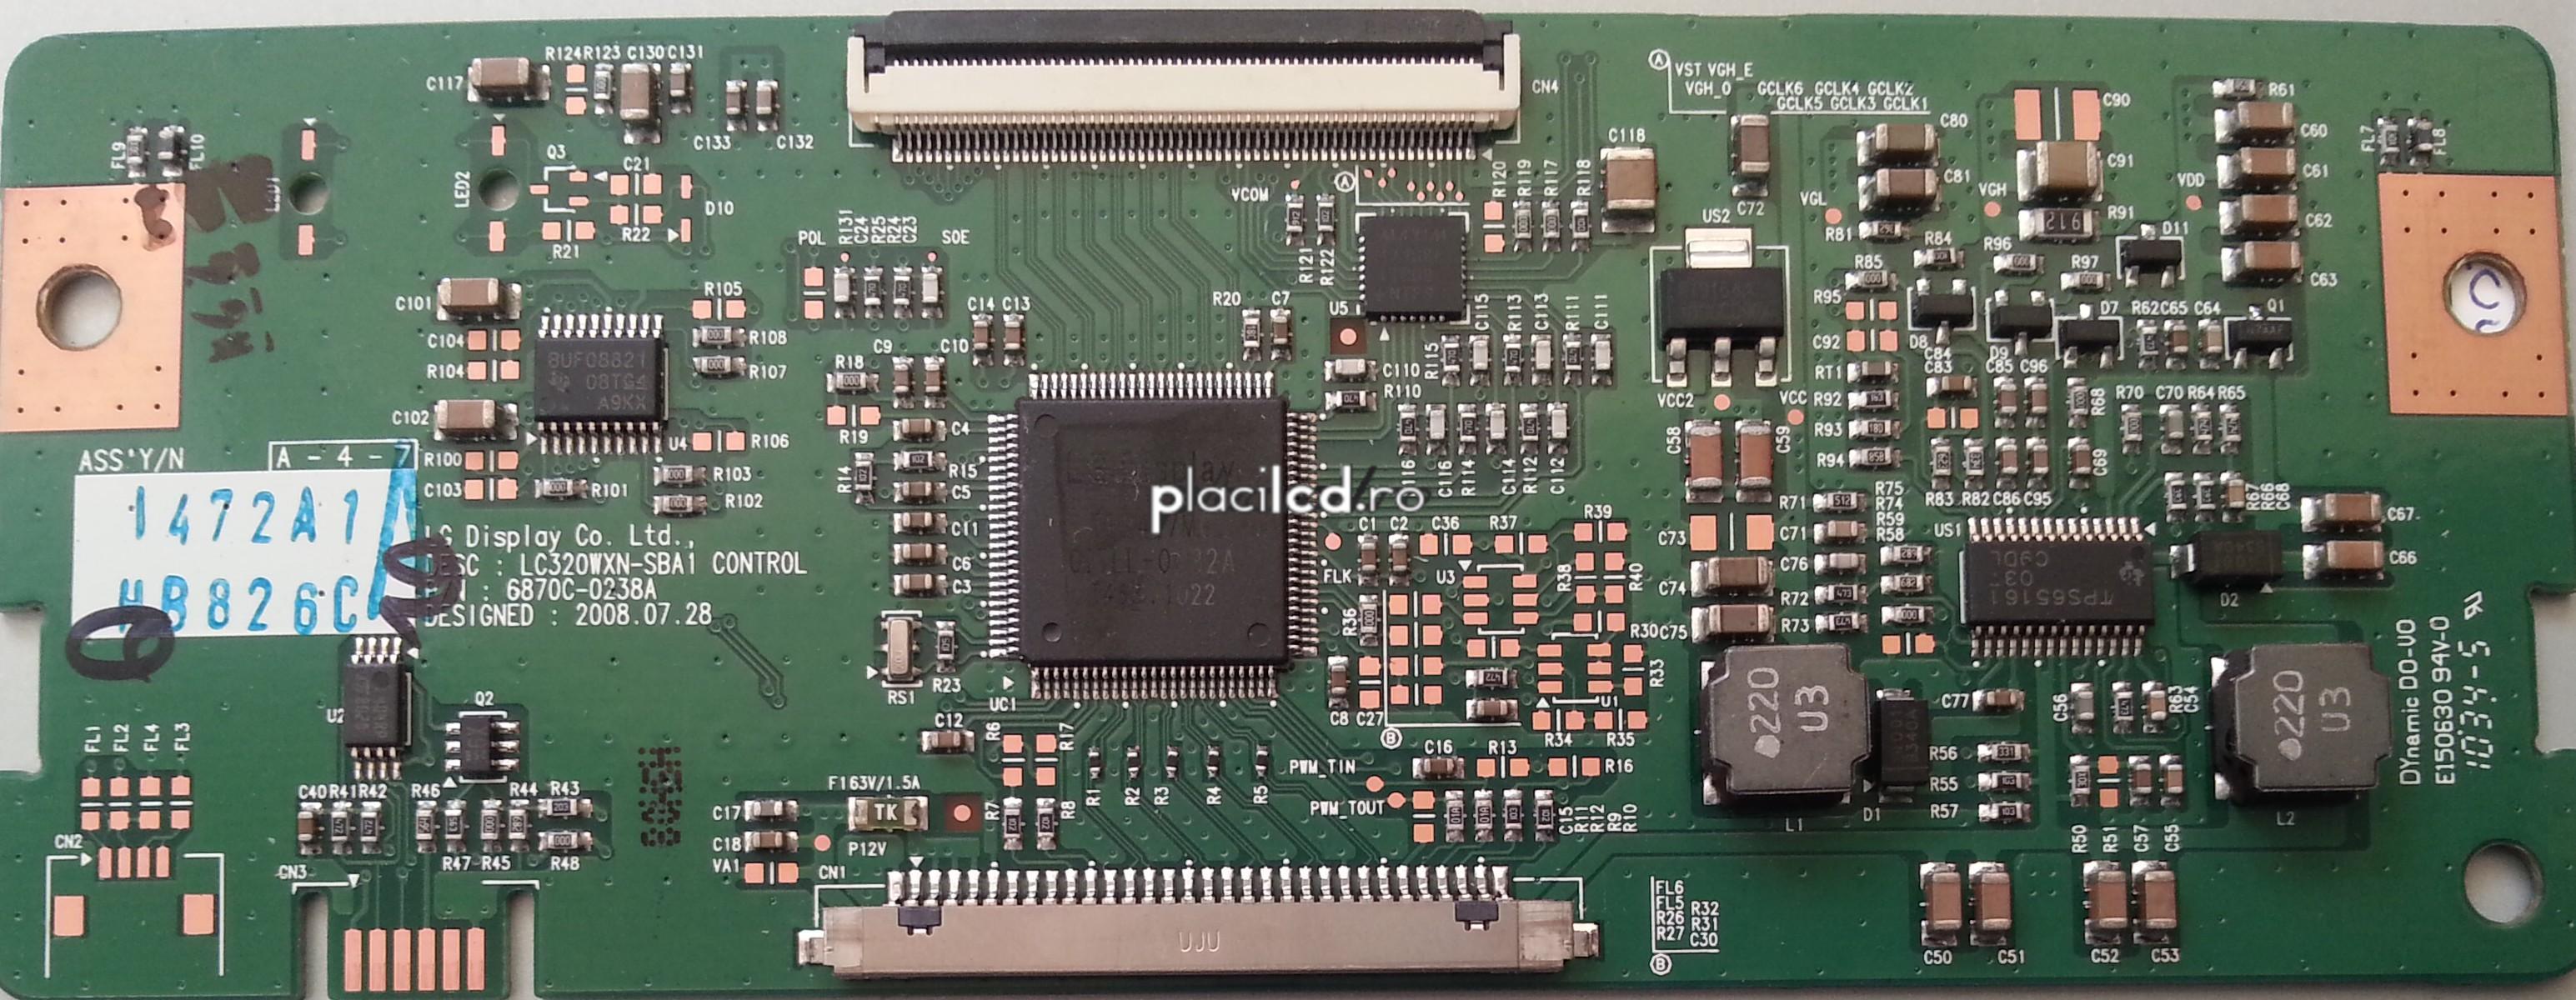 Placa LVDS 6870C-0238A